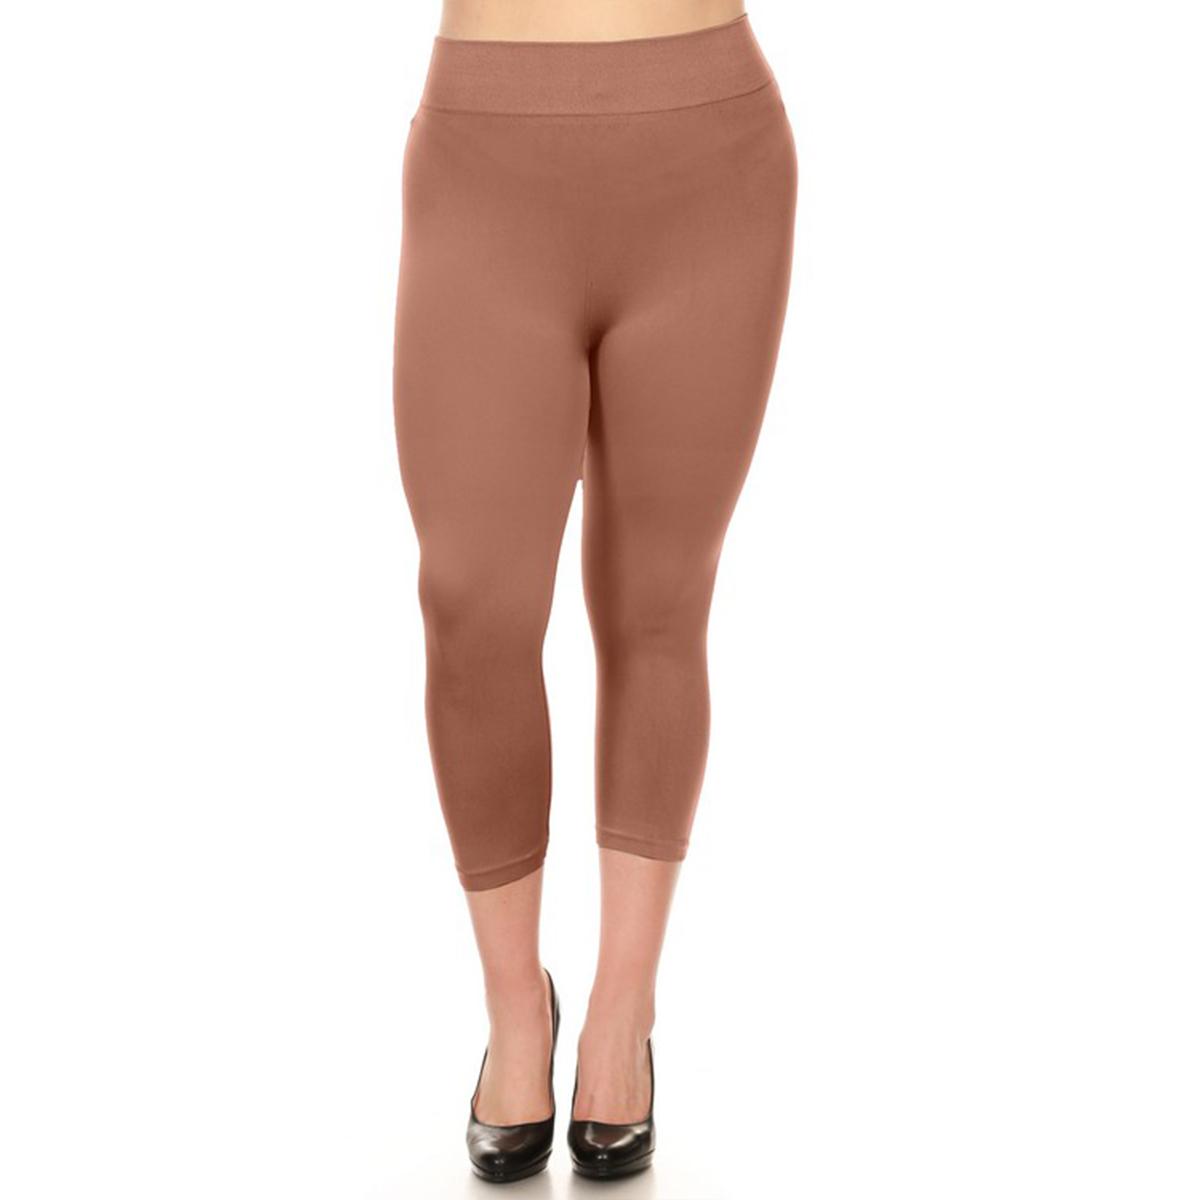 miniature 27 - Femmes Grande Taille Capri Leggings Court Stretch Pantalon Basique Solide Pour